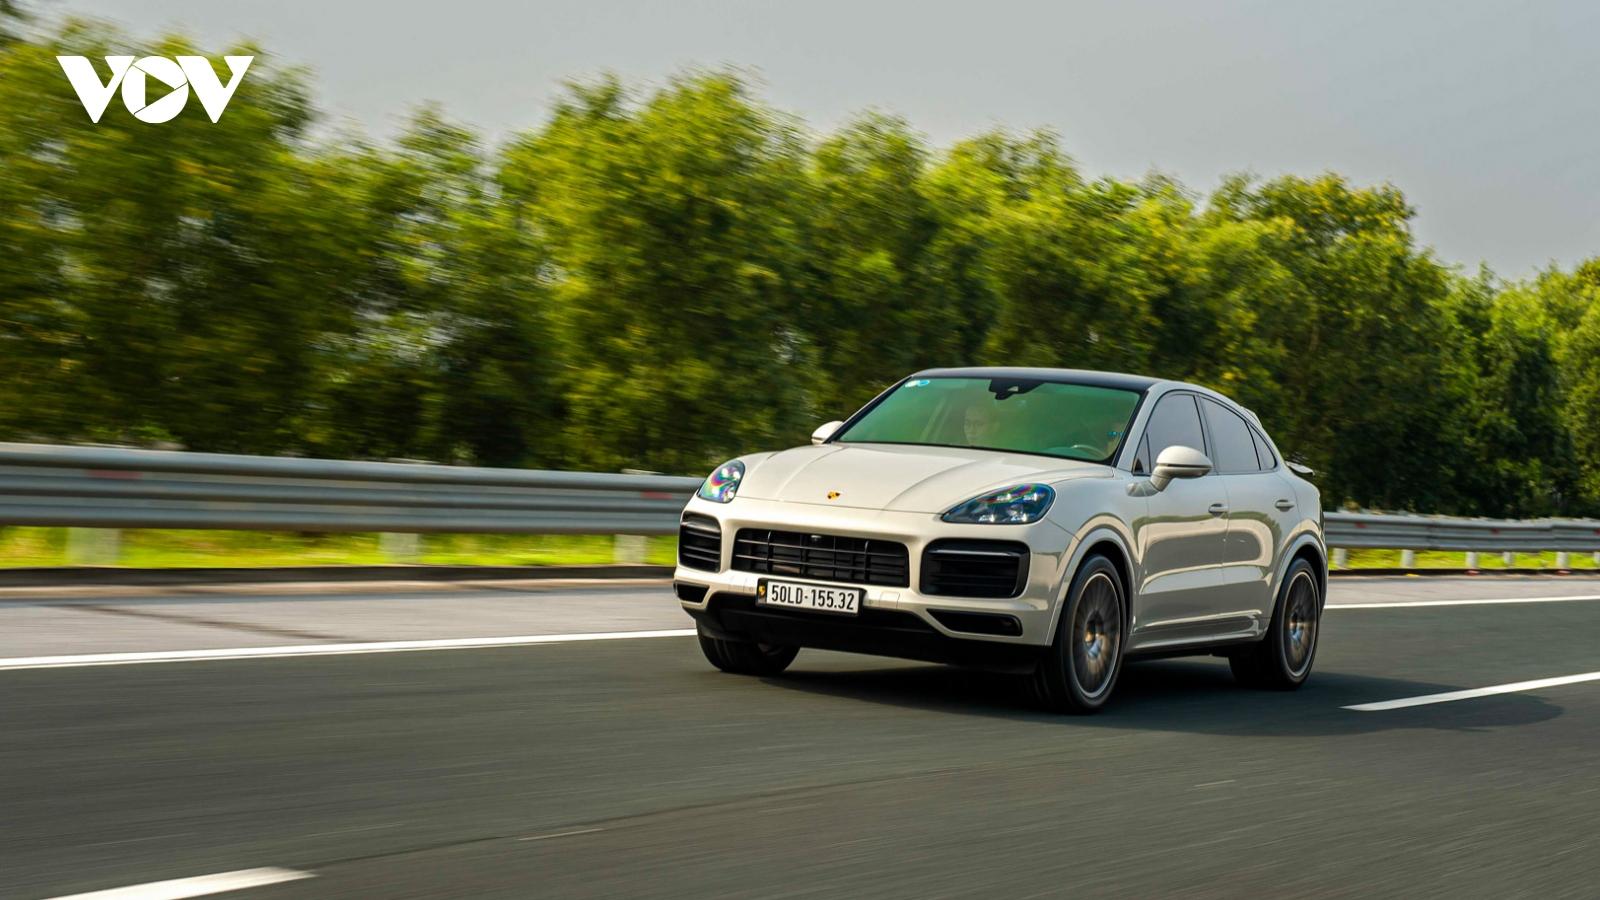 Khám phá SUV hiệu năng cao Porsche Cayenne Coupe giá hơn 6 tỷ đồng